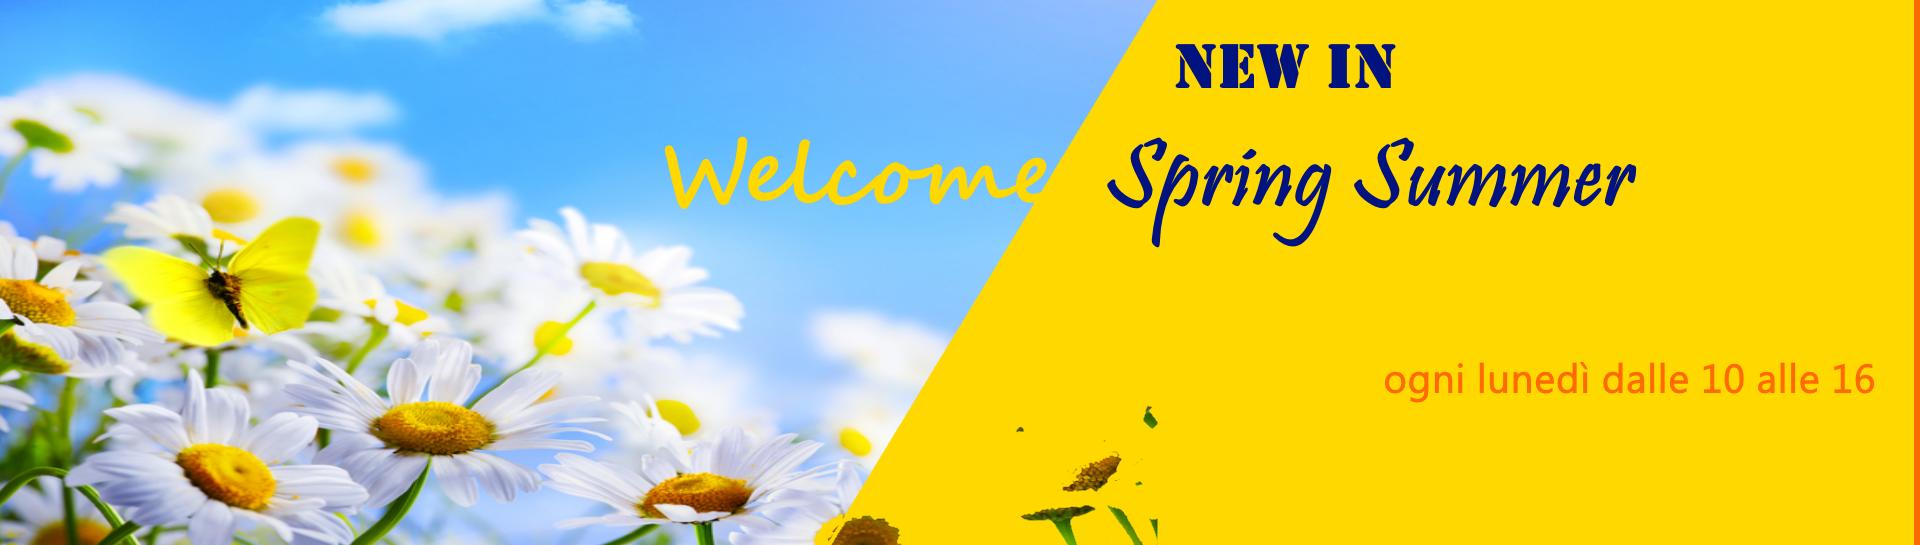 slide-welcome-spring-summer-2